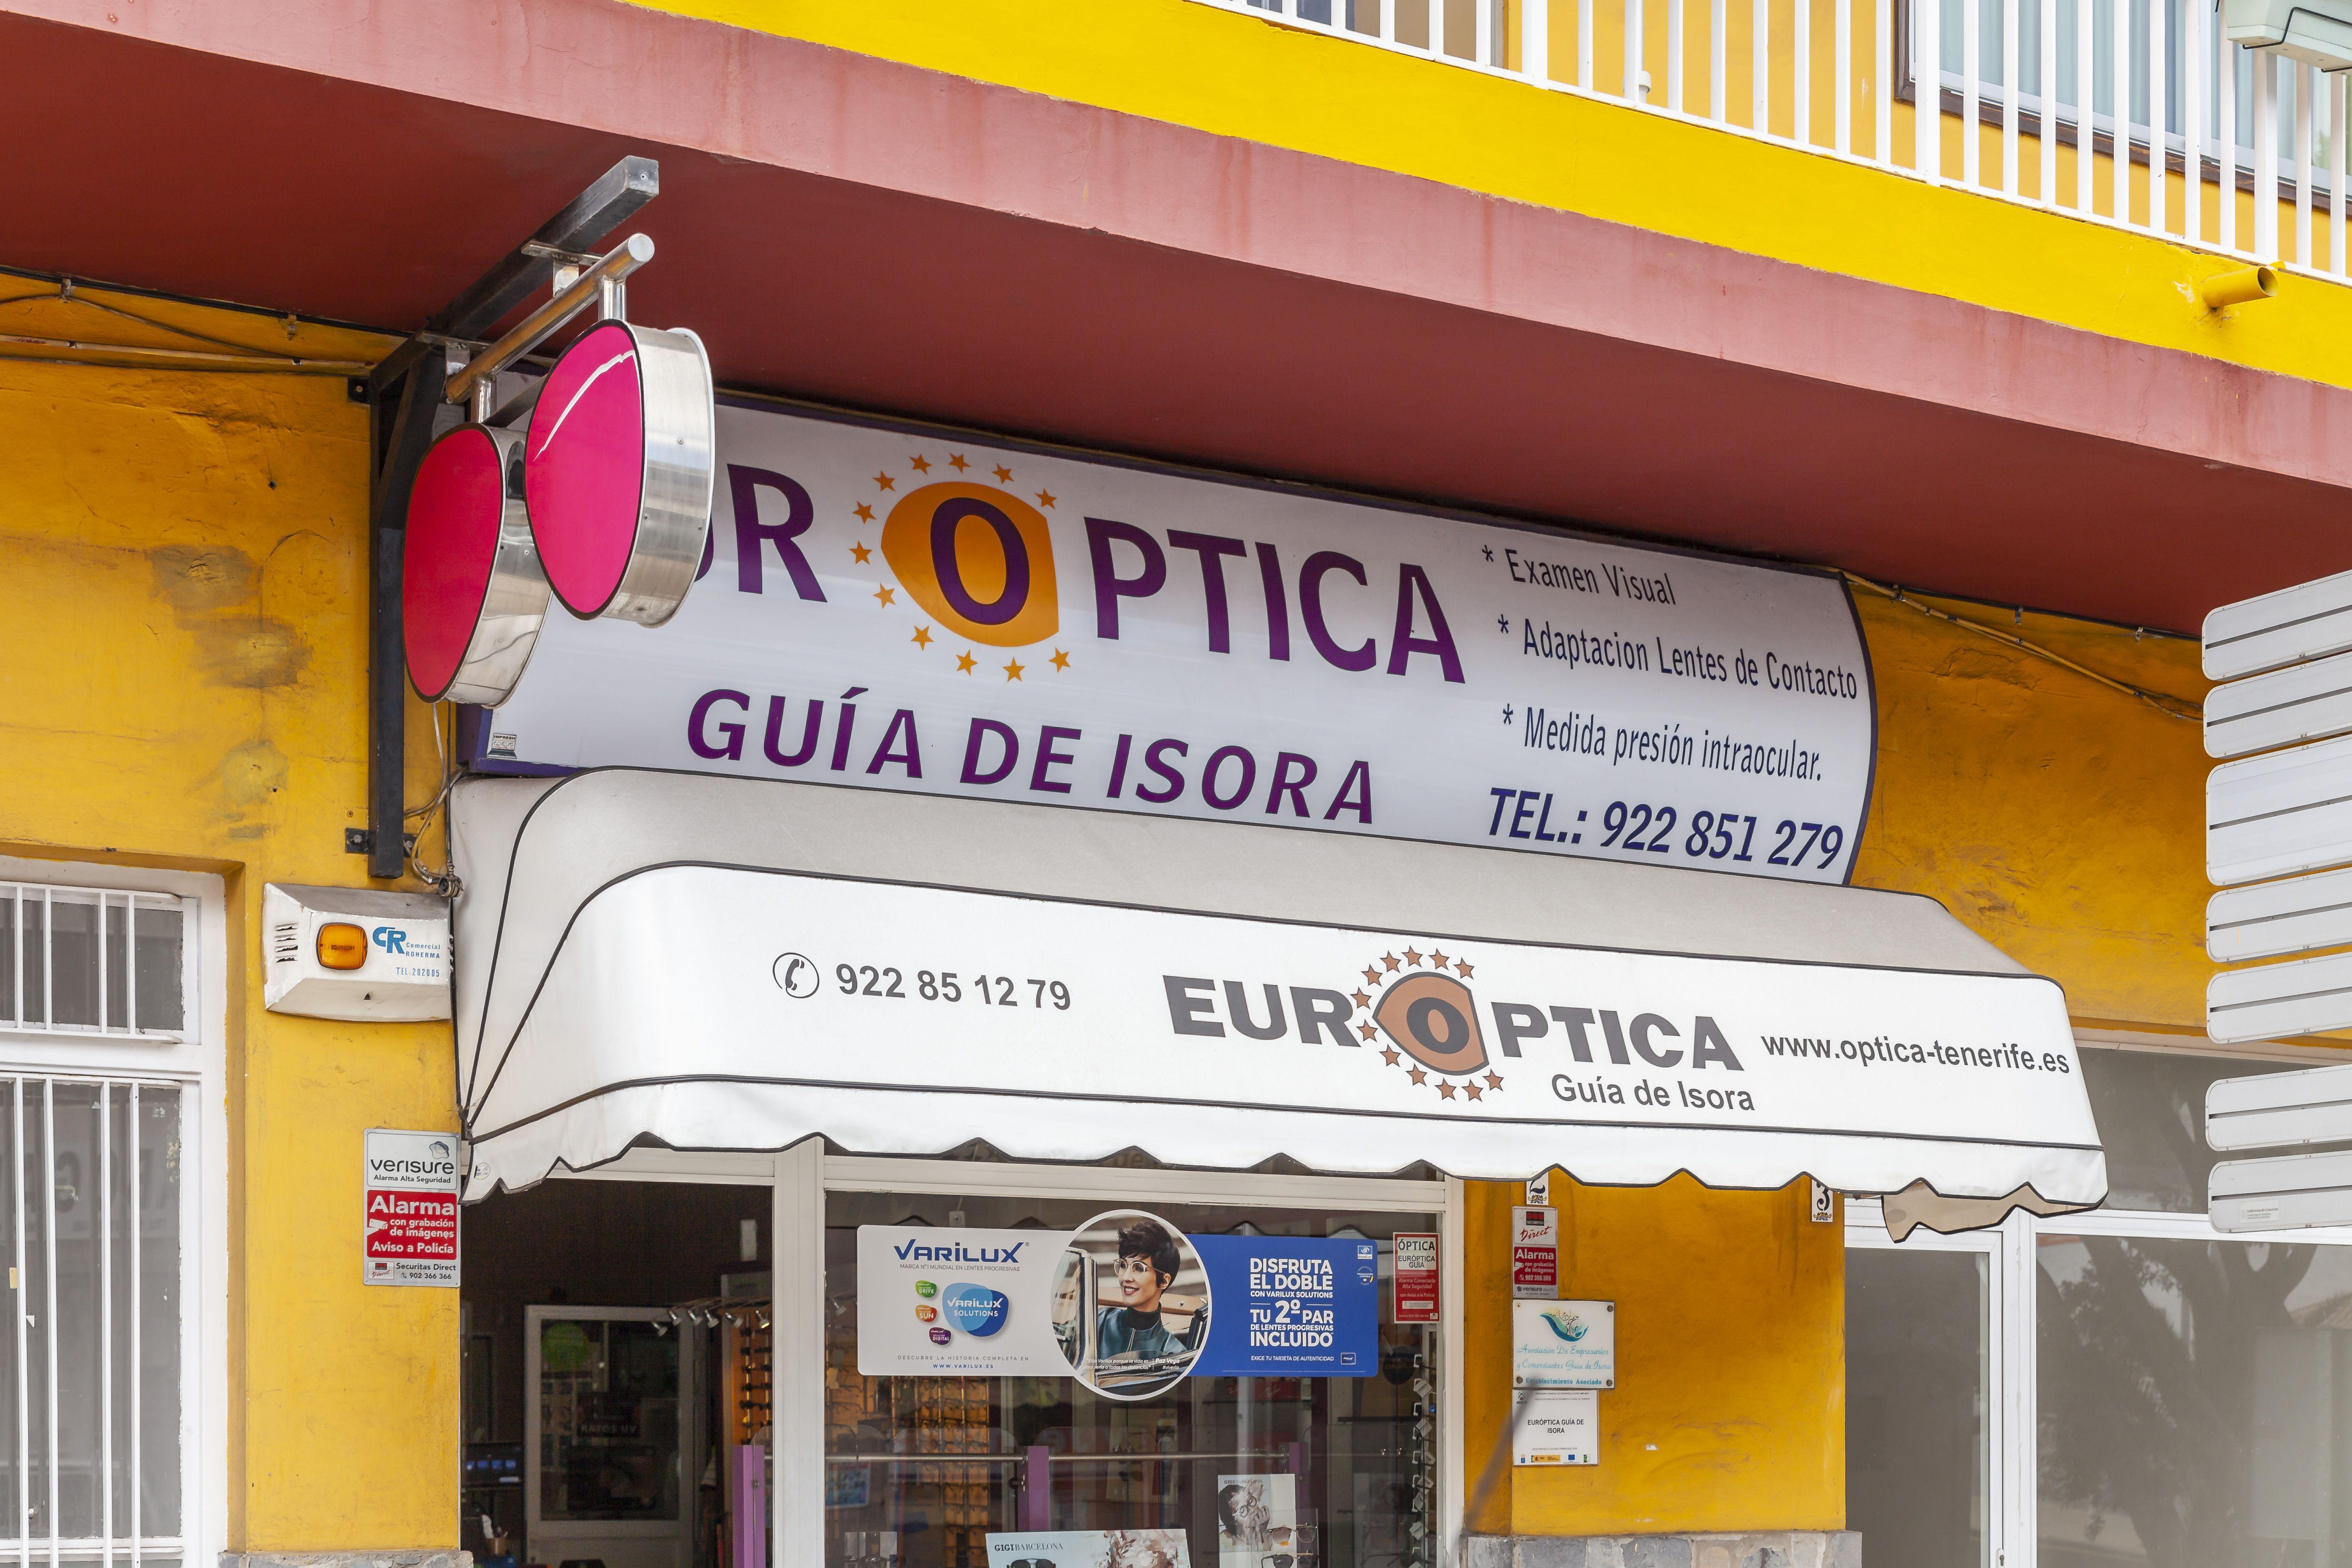 Lentes de contacto monofocales y progresivas en Guía de Isora Tenerife